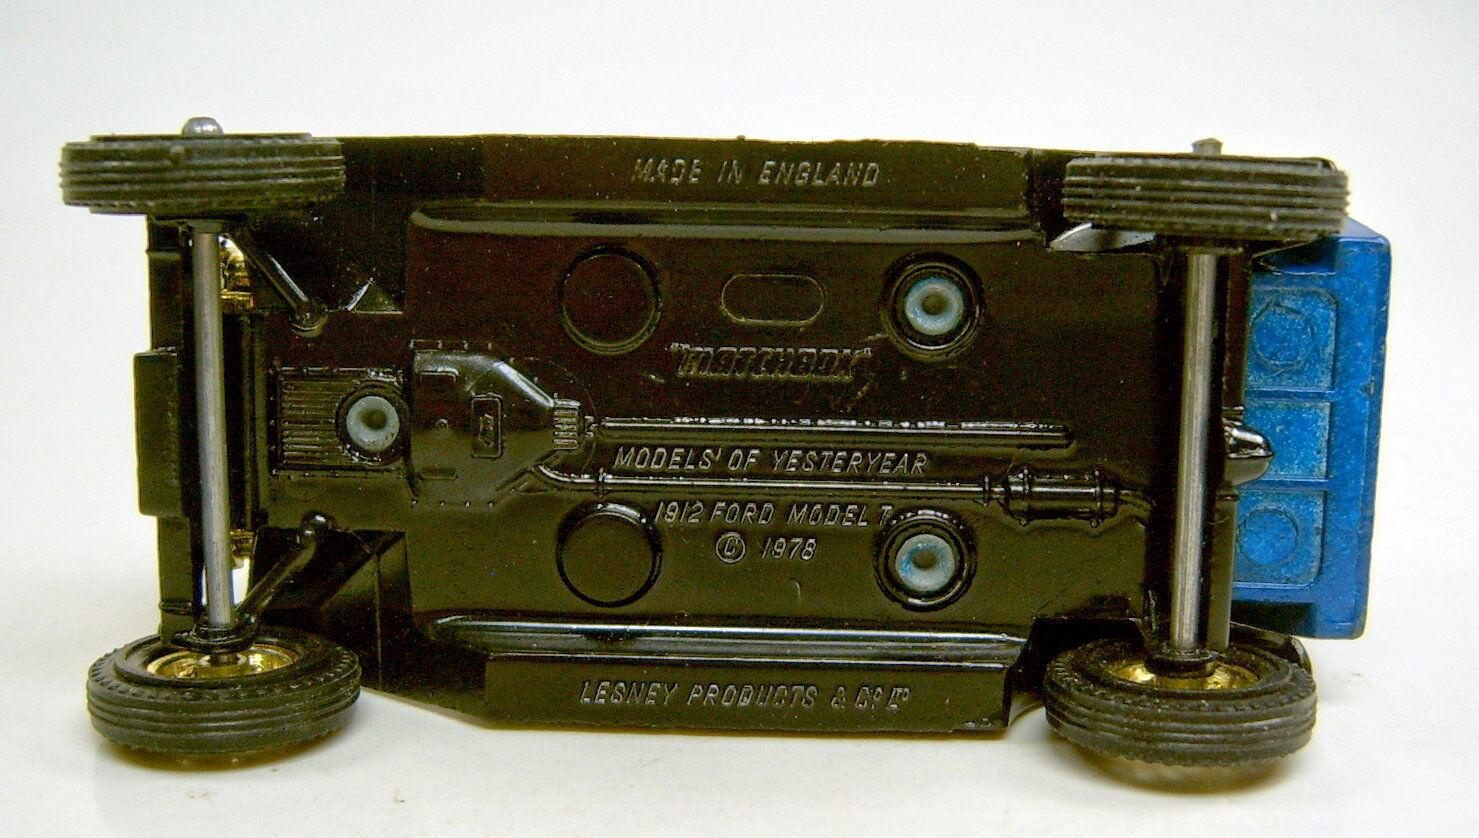 Matchbox models of Yesteryear y-12c y-12c y-12c Ford Model